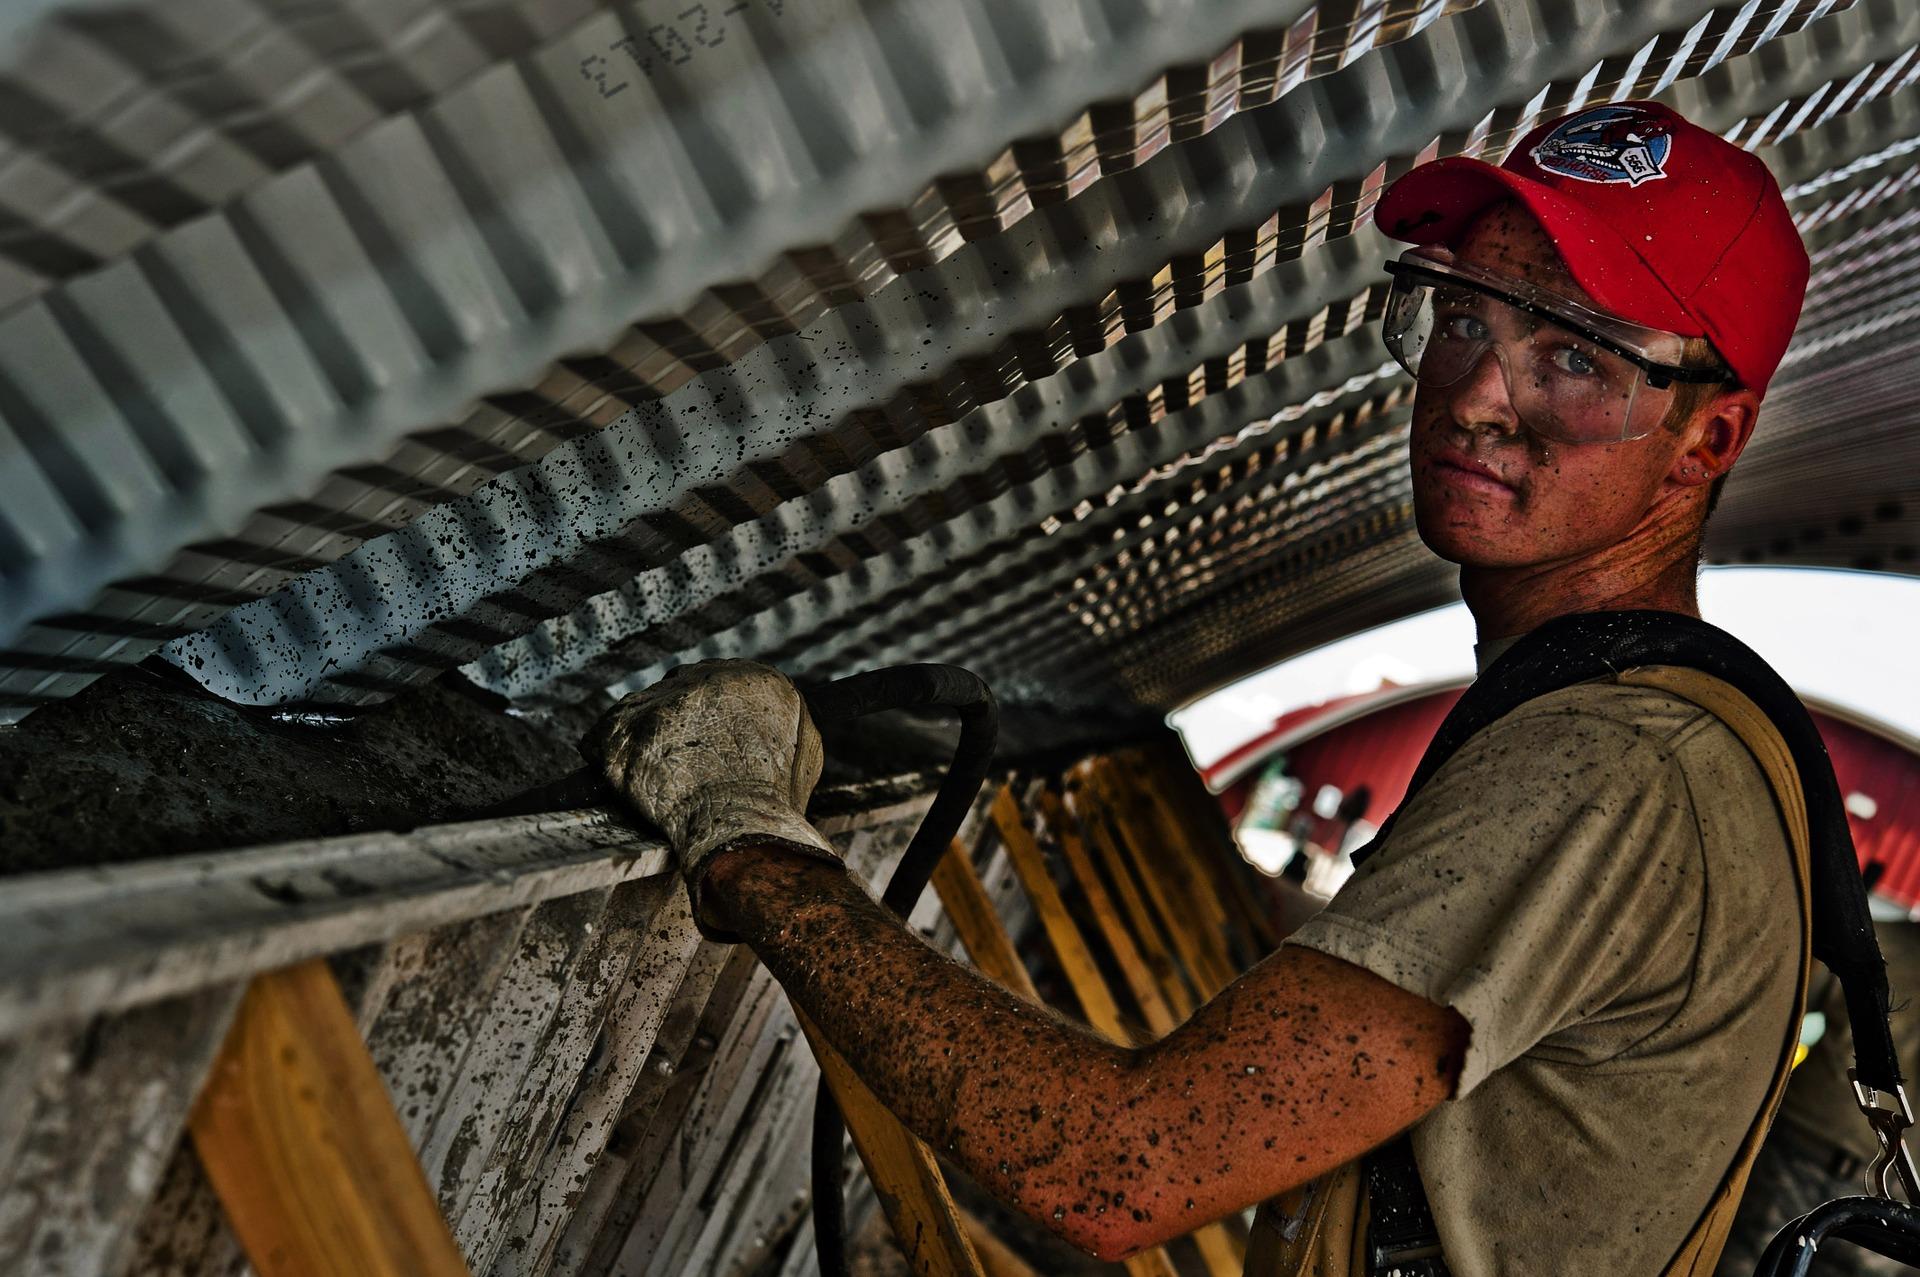 Zatrudnienie na podstawie umowy o pracę przy realizacji usług lub robót budowlanych – art. 29 ust. 3a PZP